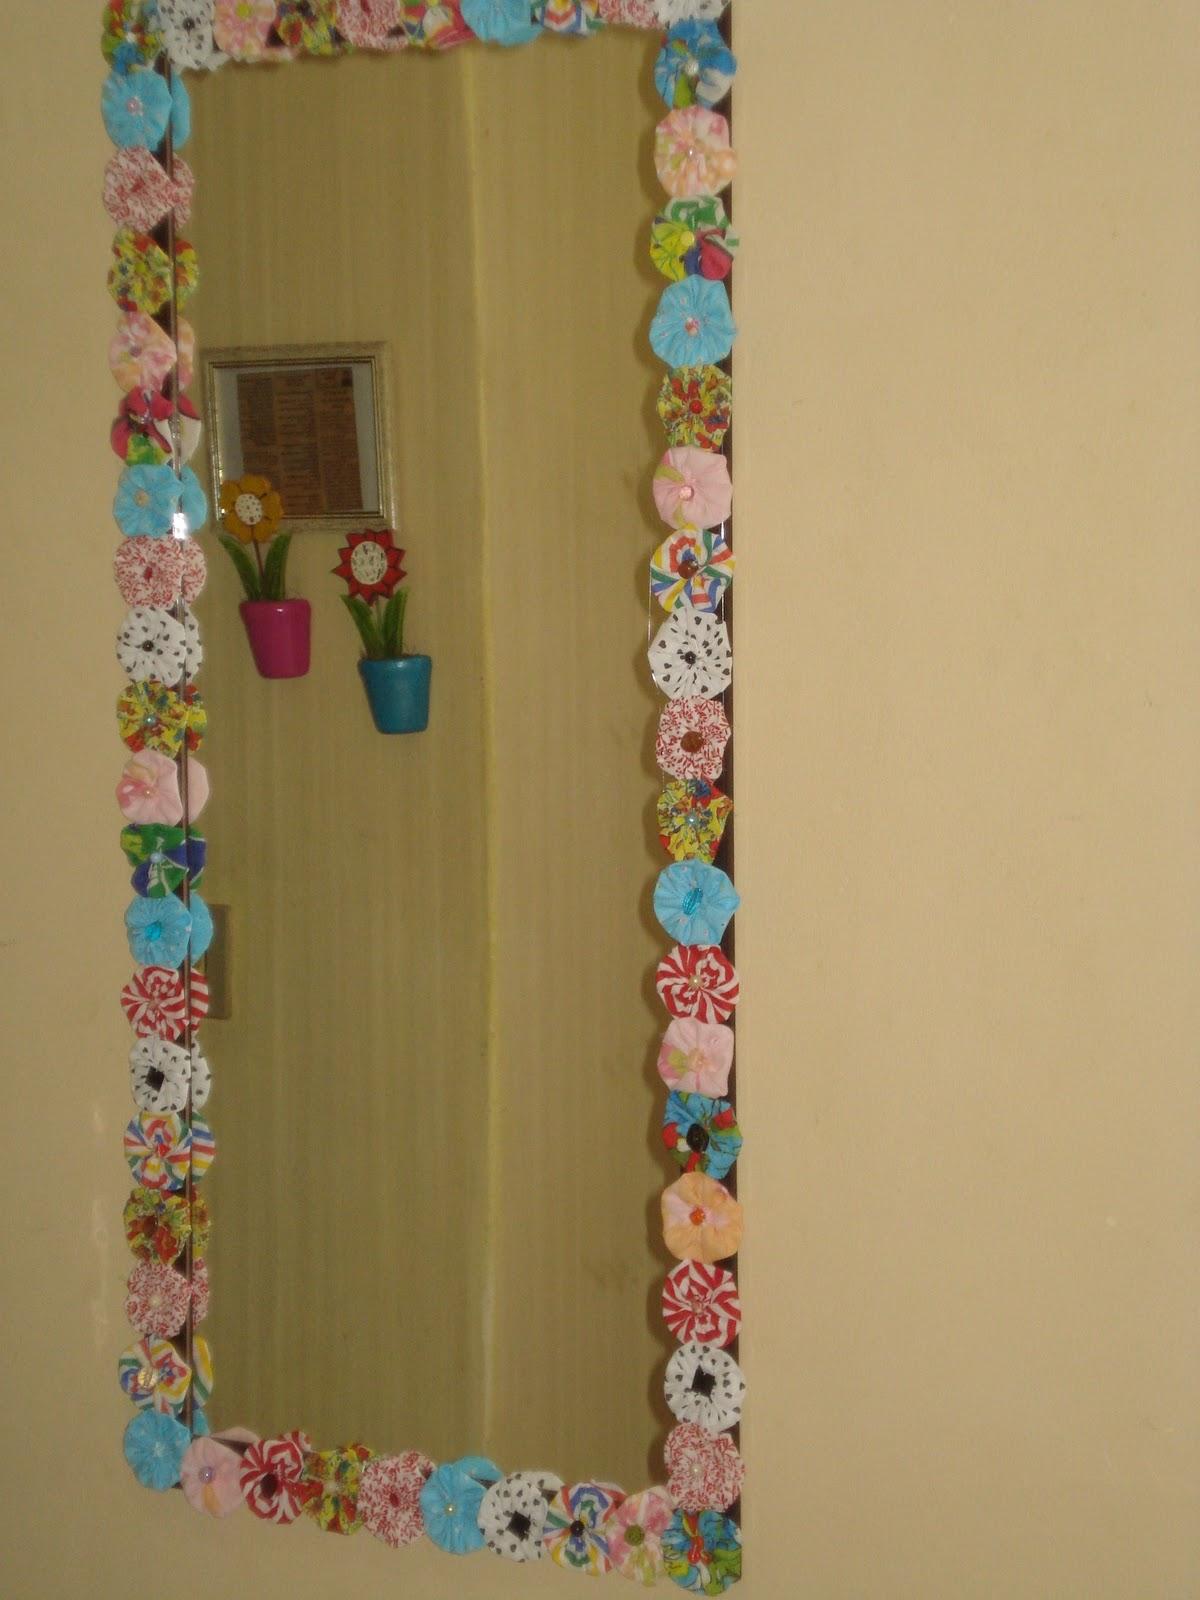 Multiartes: Espelho Renovado.. #73412A 1200 1600